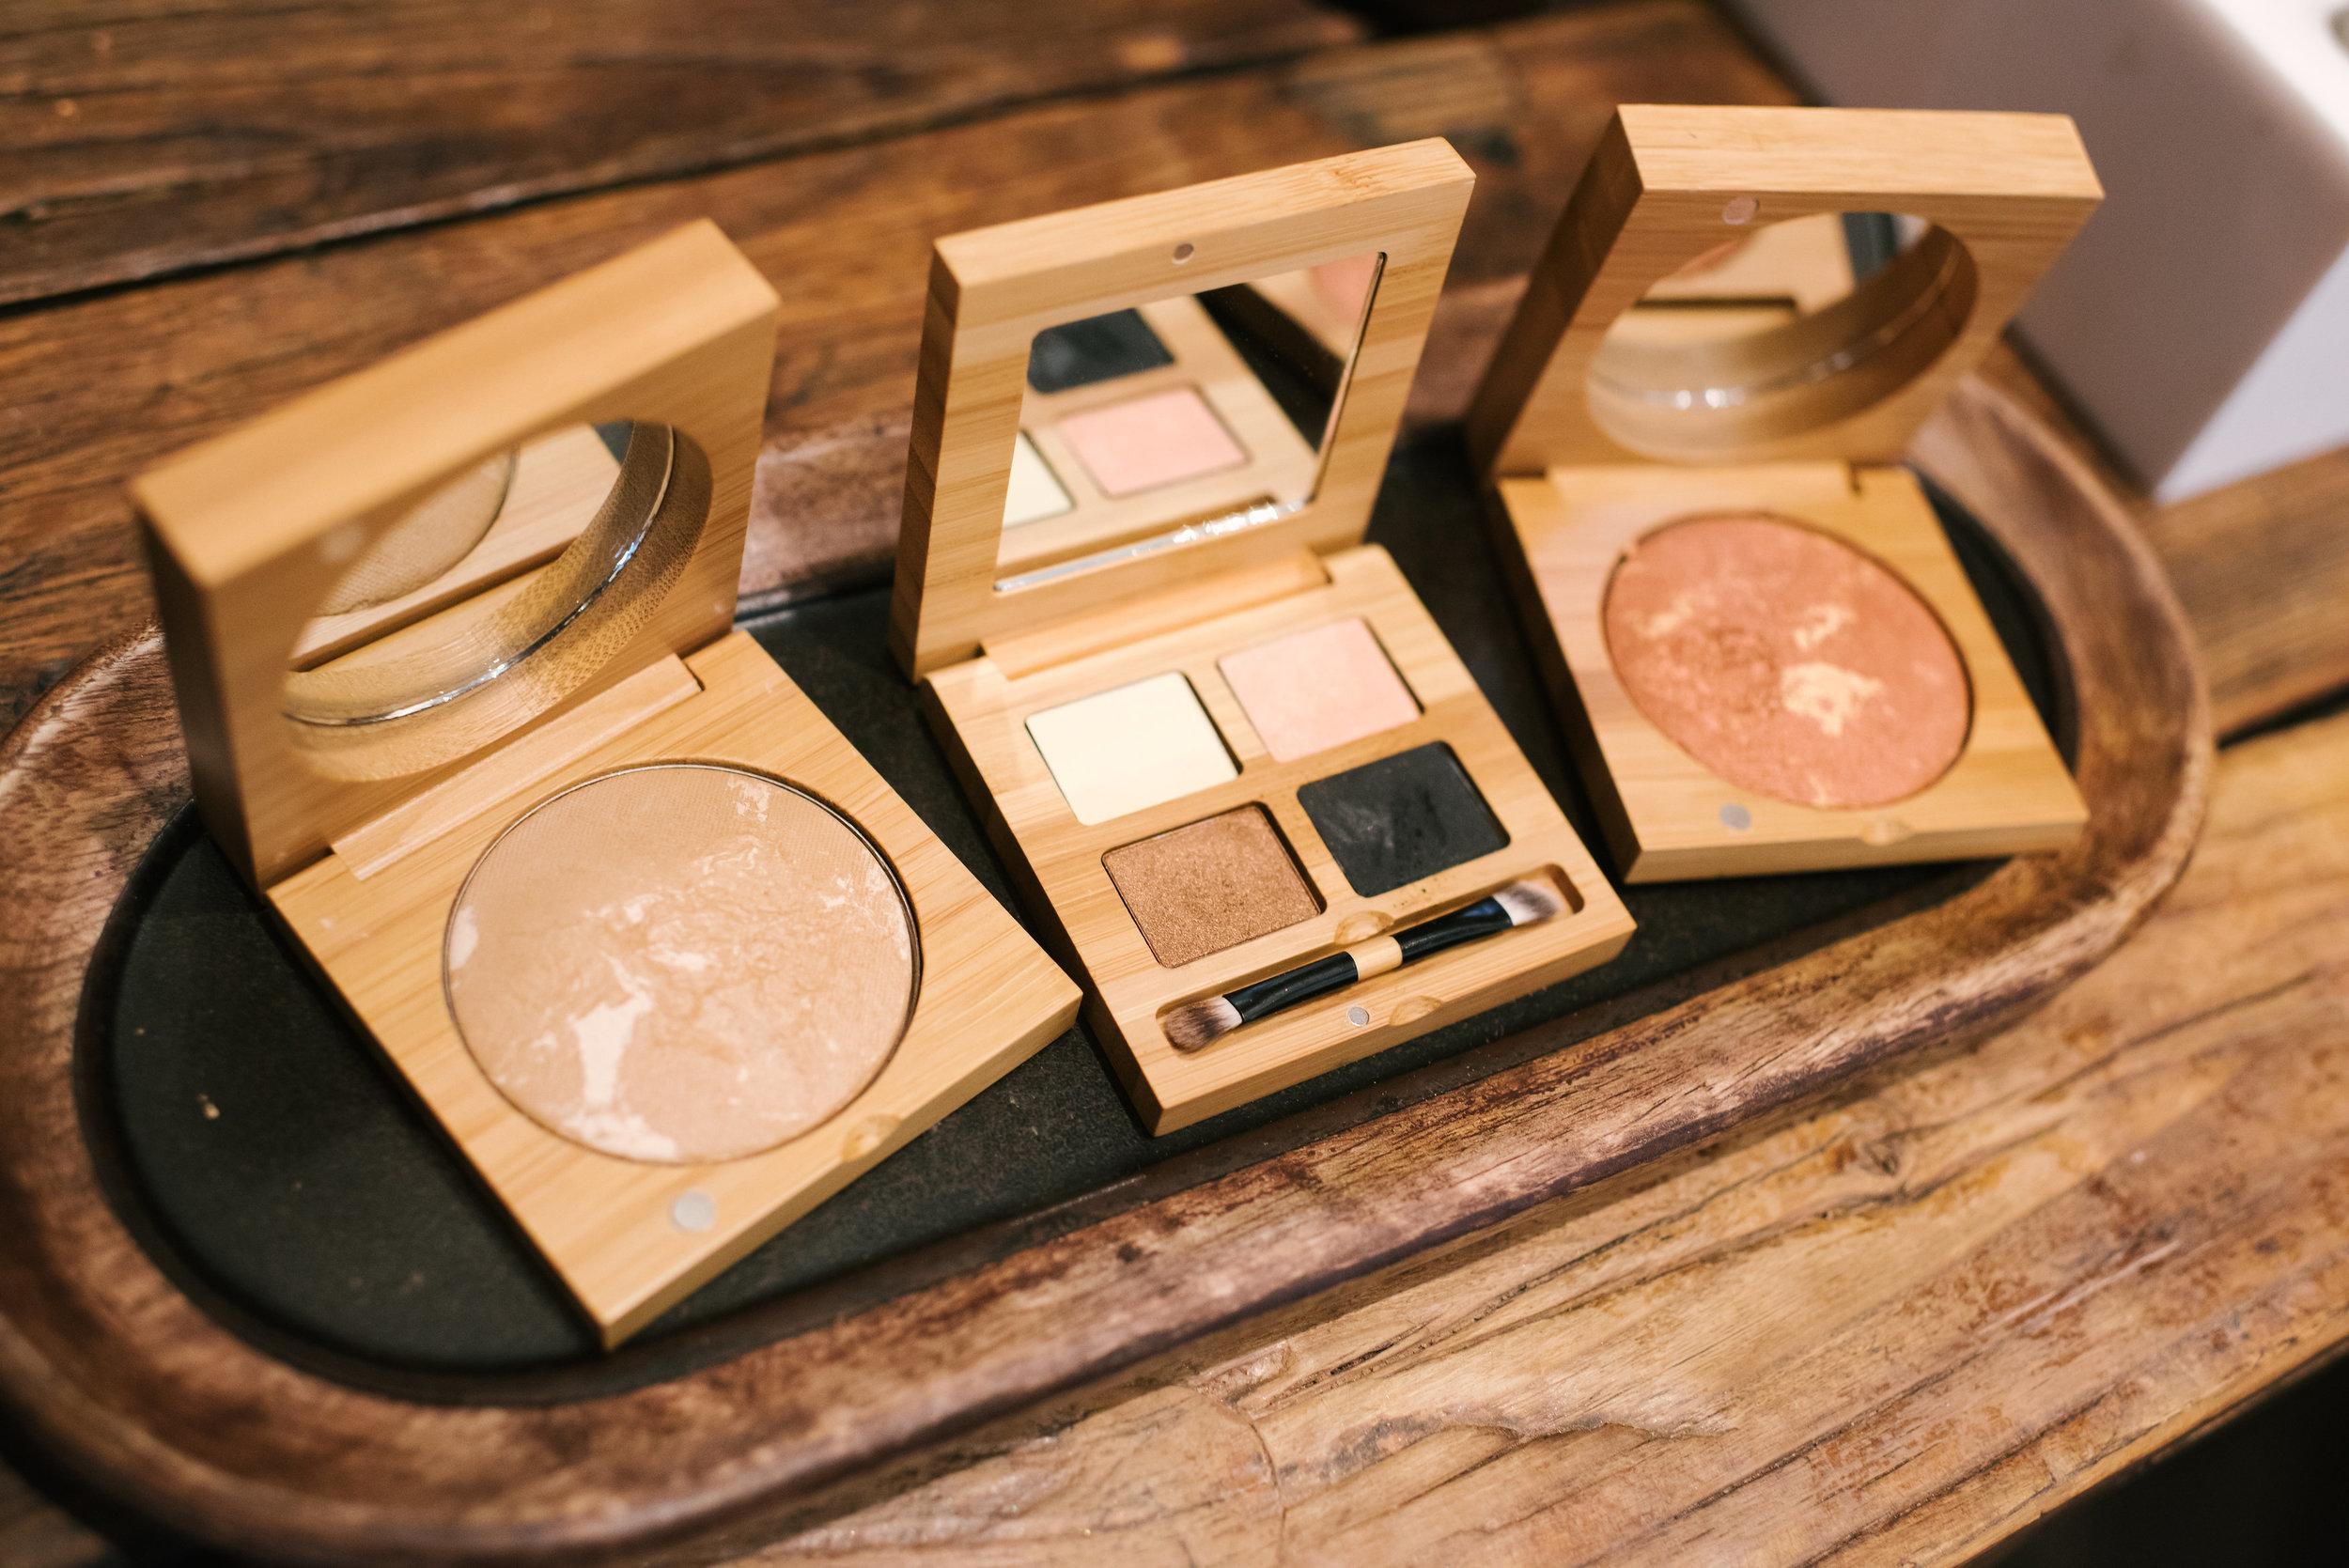 Antonym natural makeup